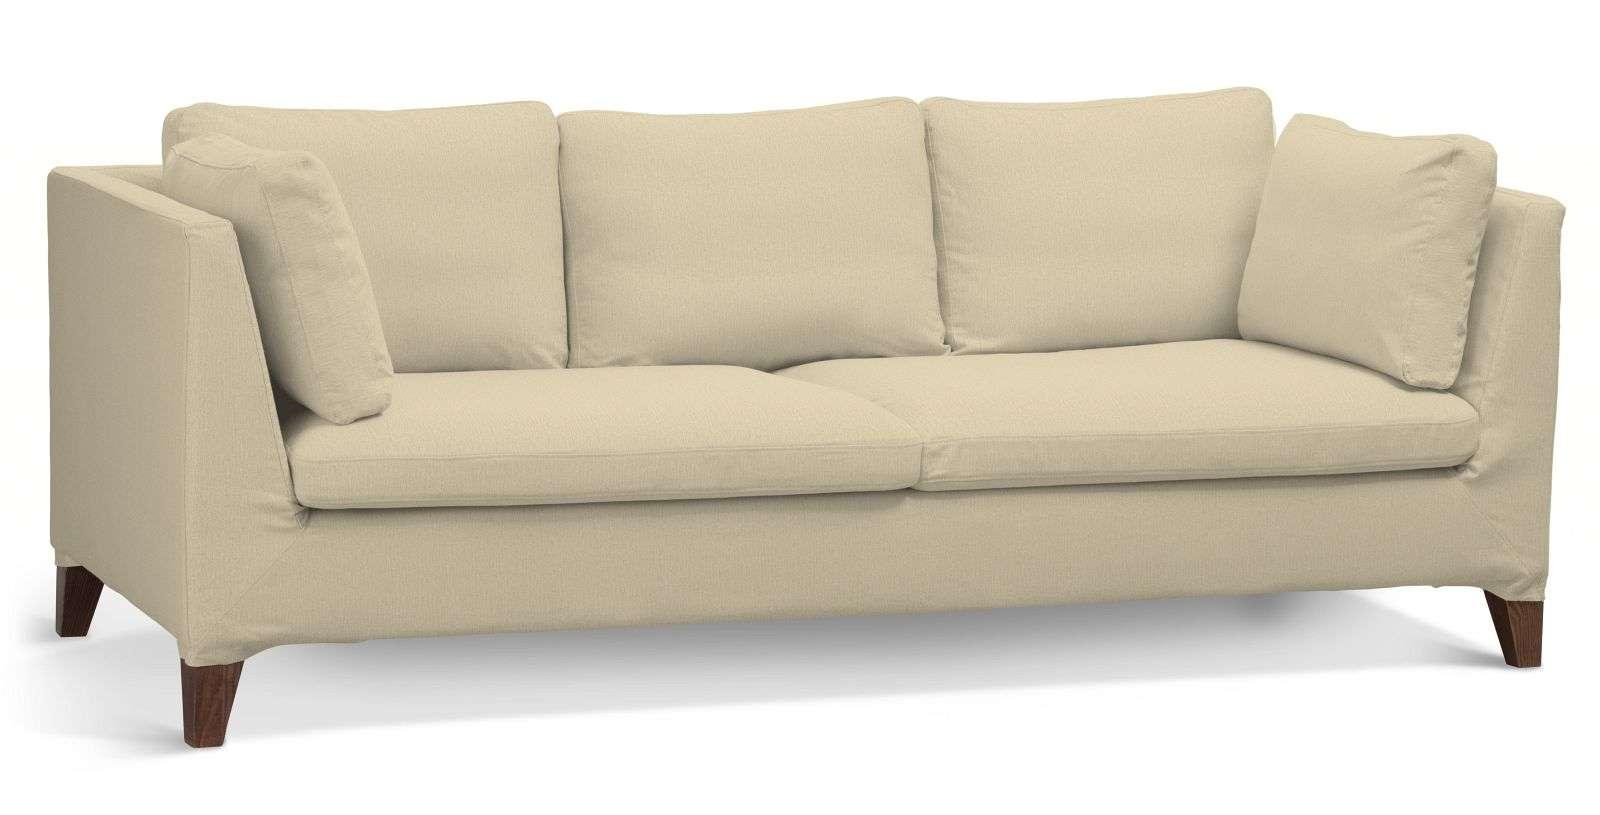 Pokrowiec na sofę Stockholm 3-osobową sofa Stockholm 3-osobowa w kolekcji Chenille, tkanina: 702-22